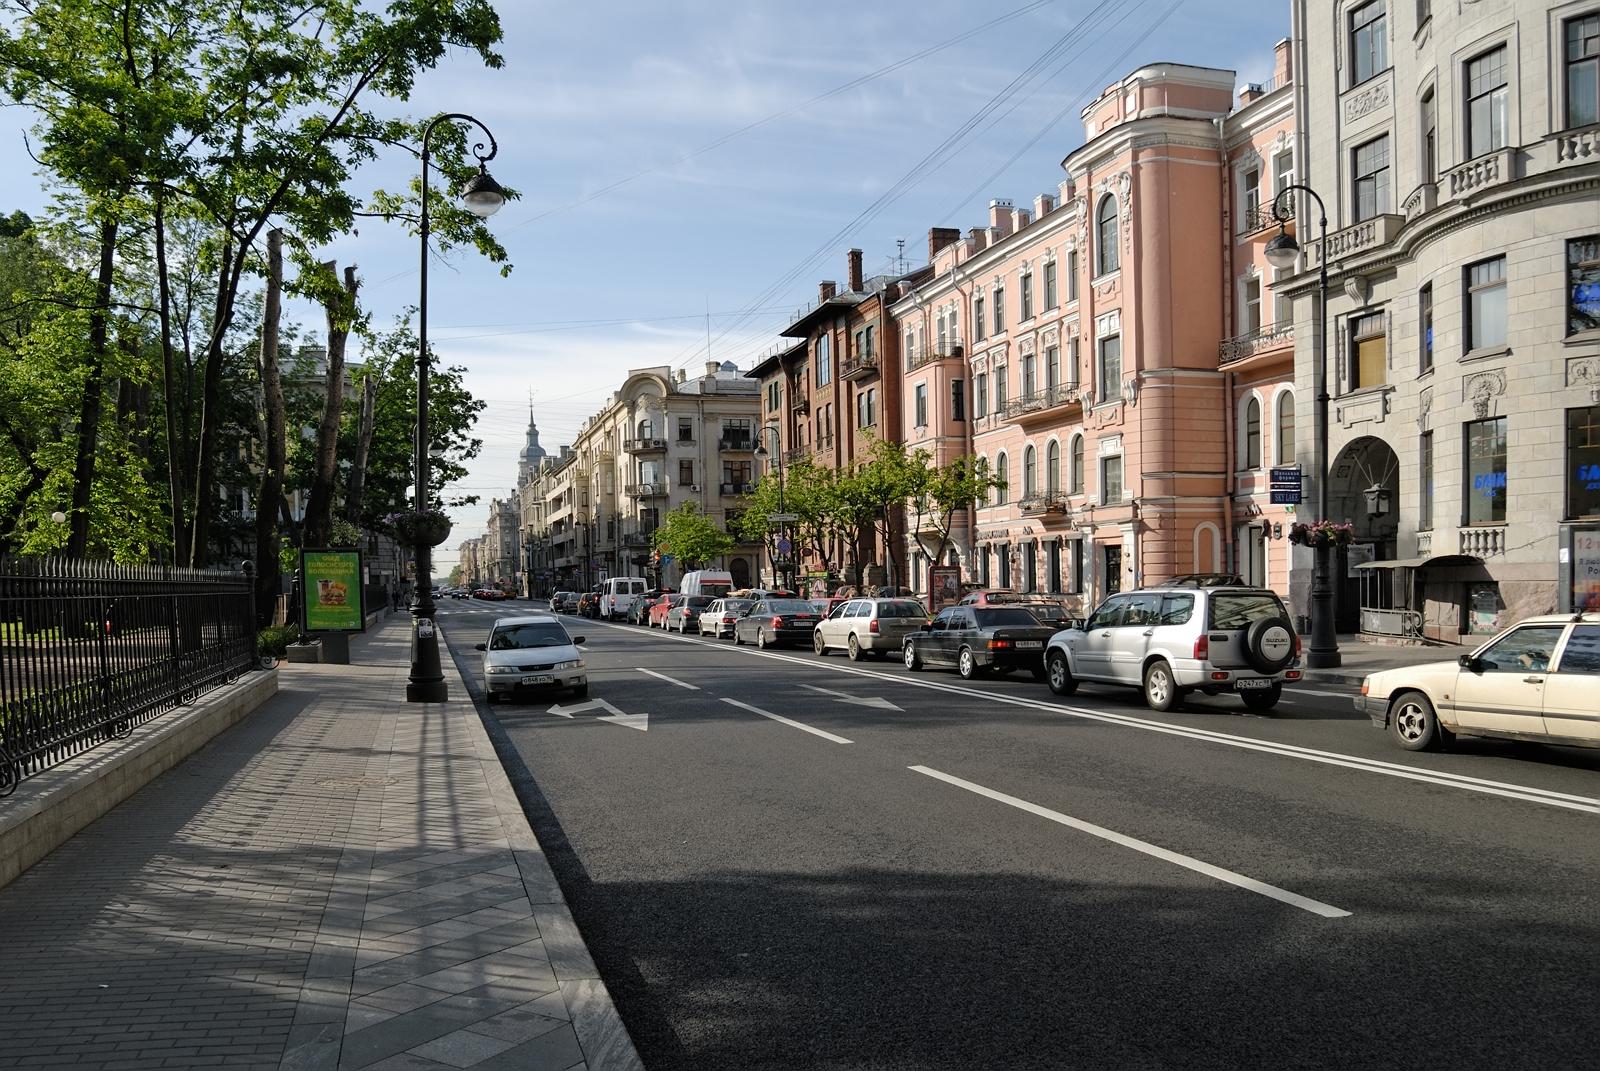 запомнить, панорамы и фотографии улиц в спб небольшие котлетки начните